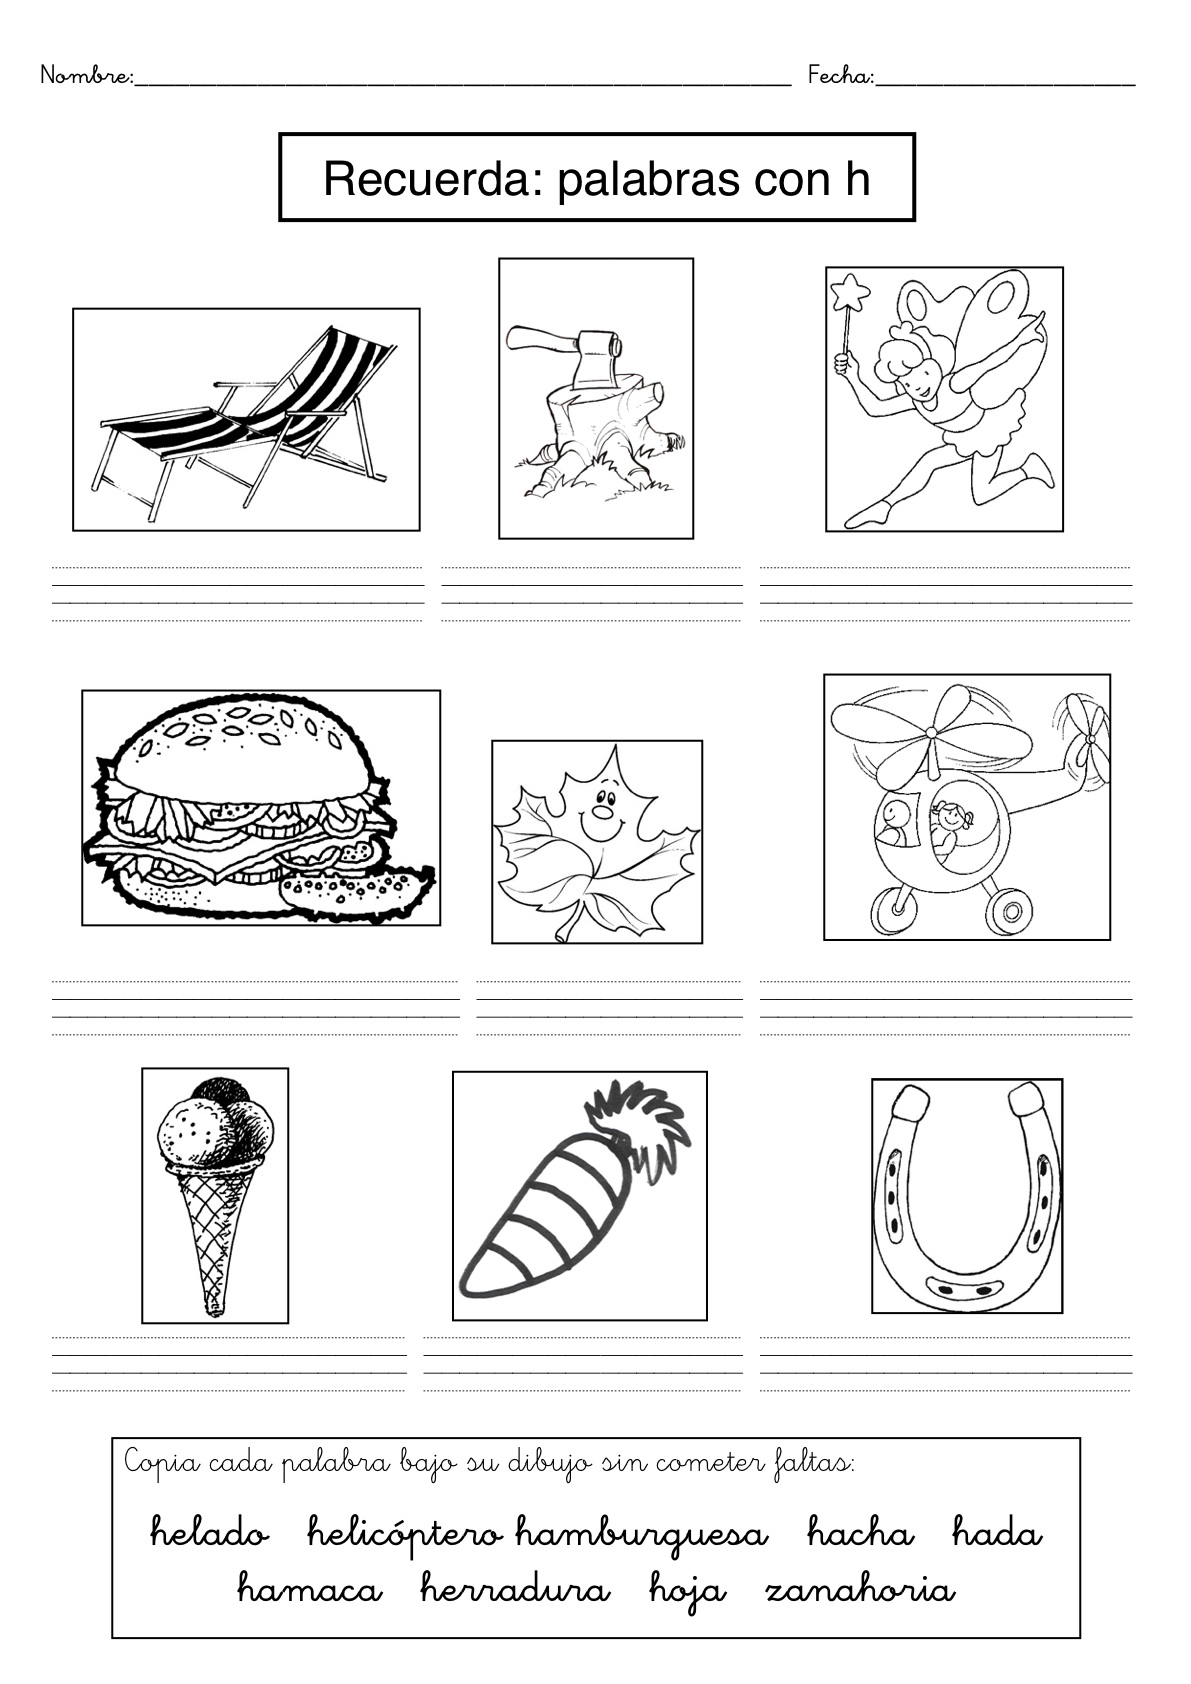 Recursos para el aula: Fichas de dificultades ortográficas